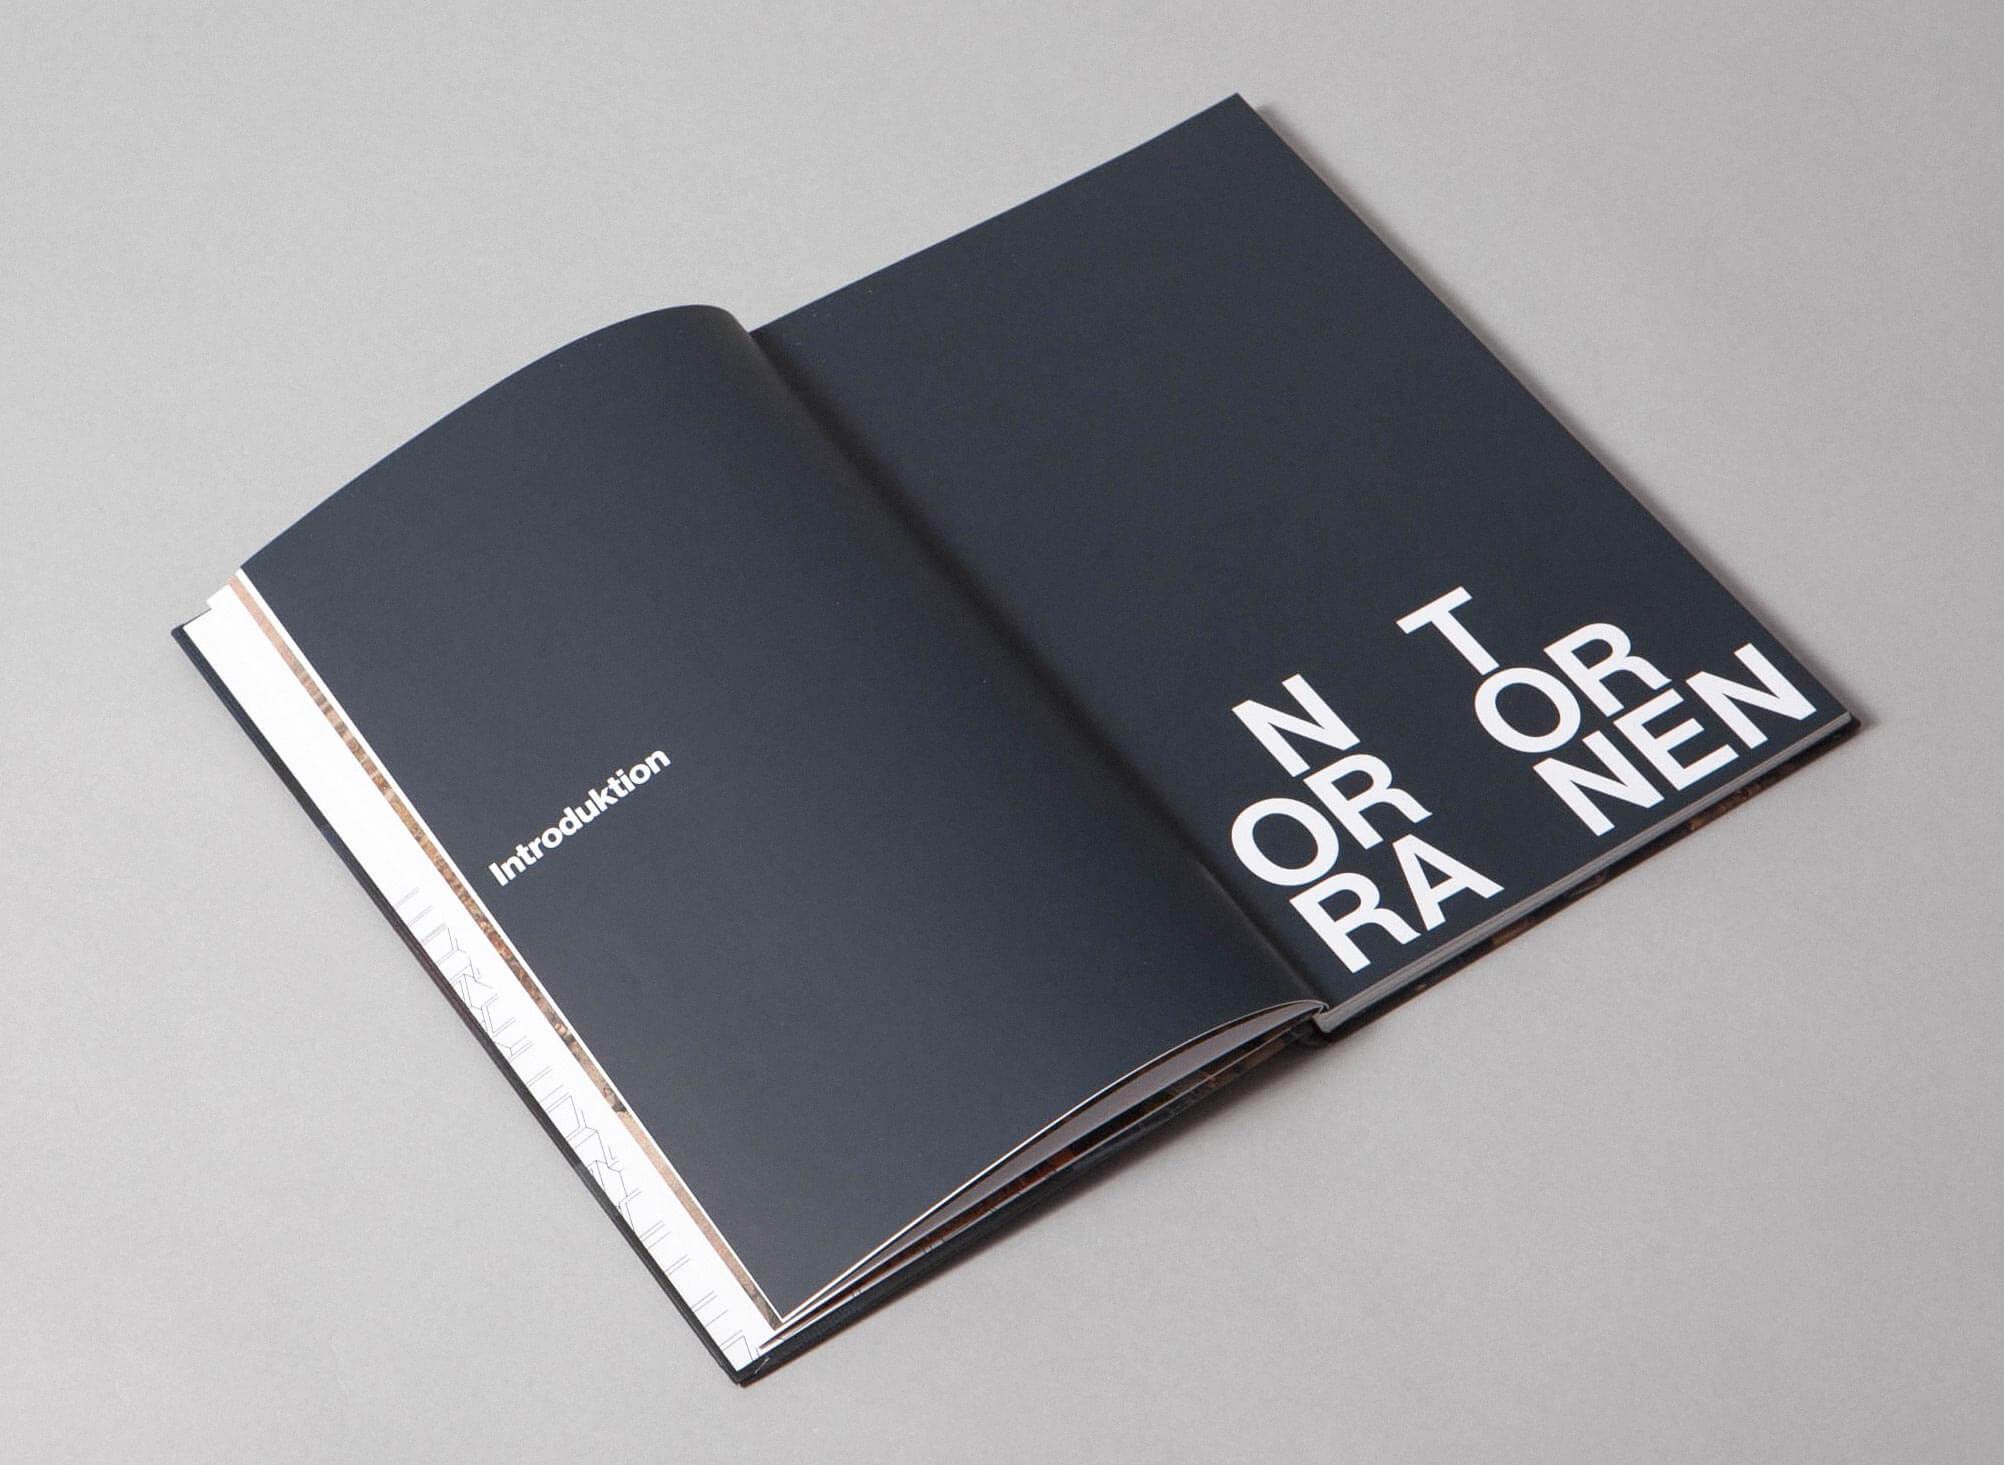 norra-tornen-book-5